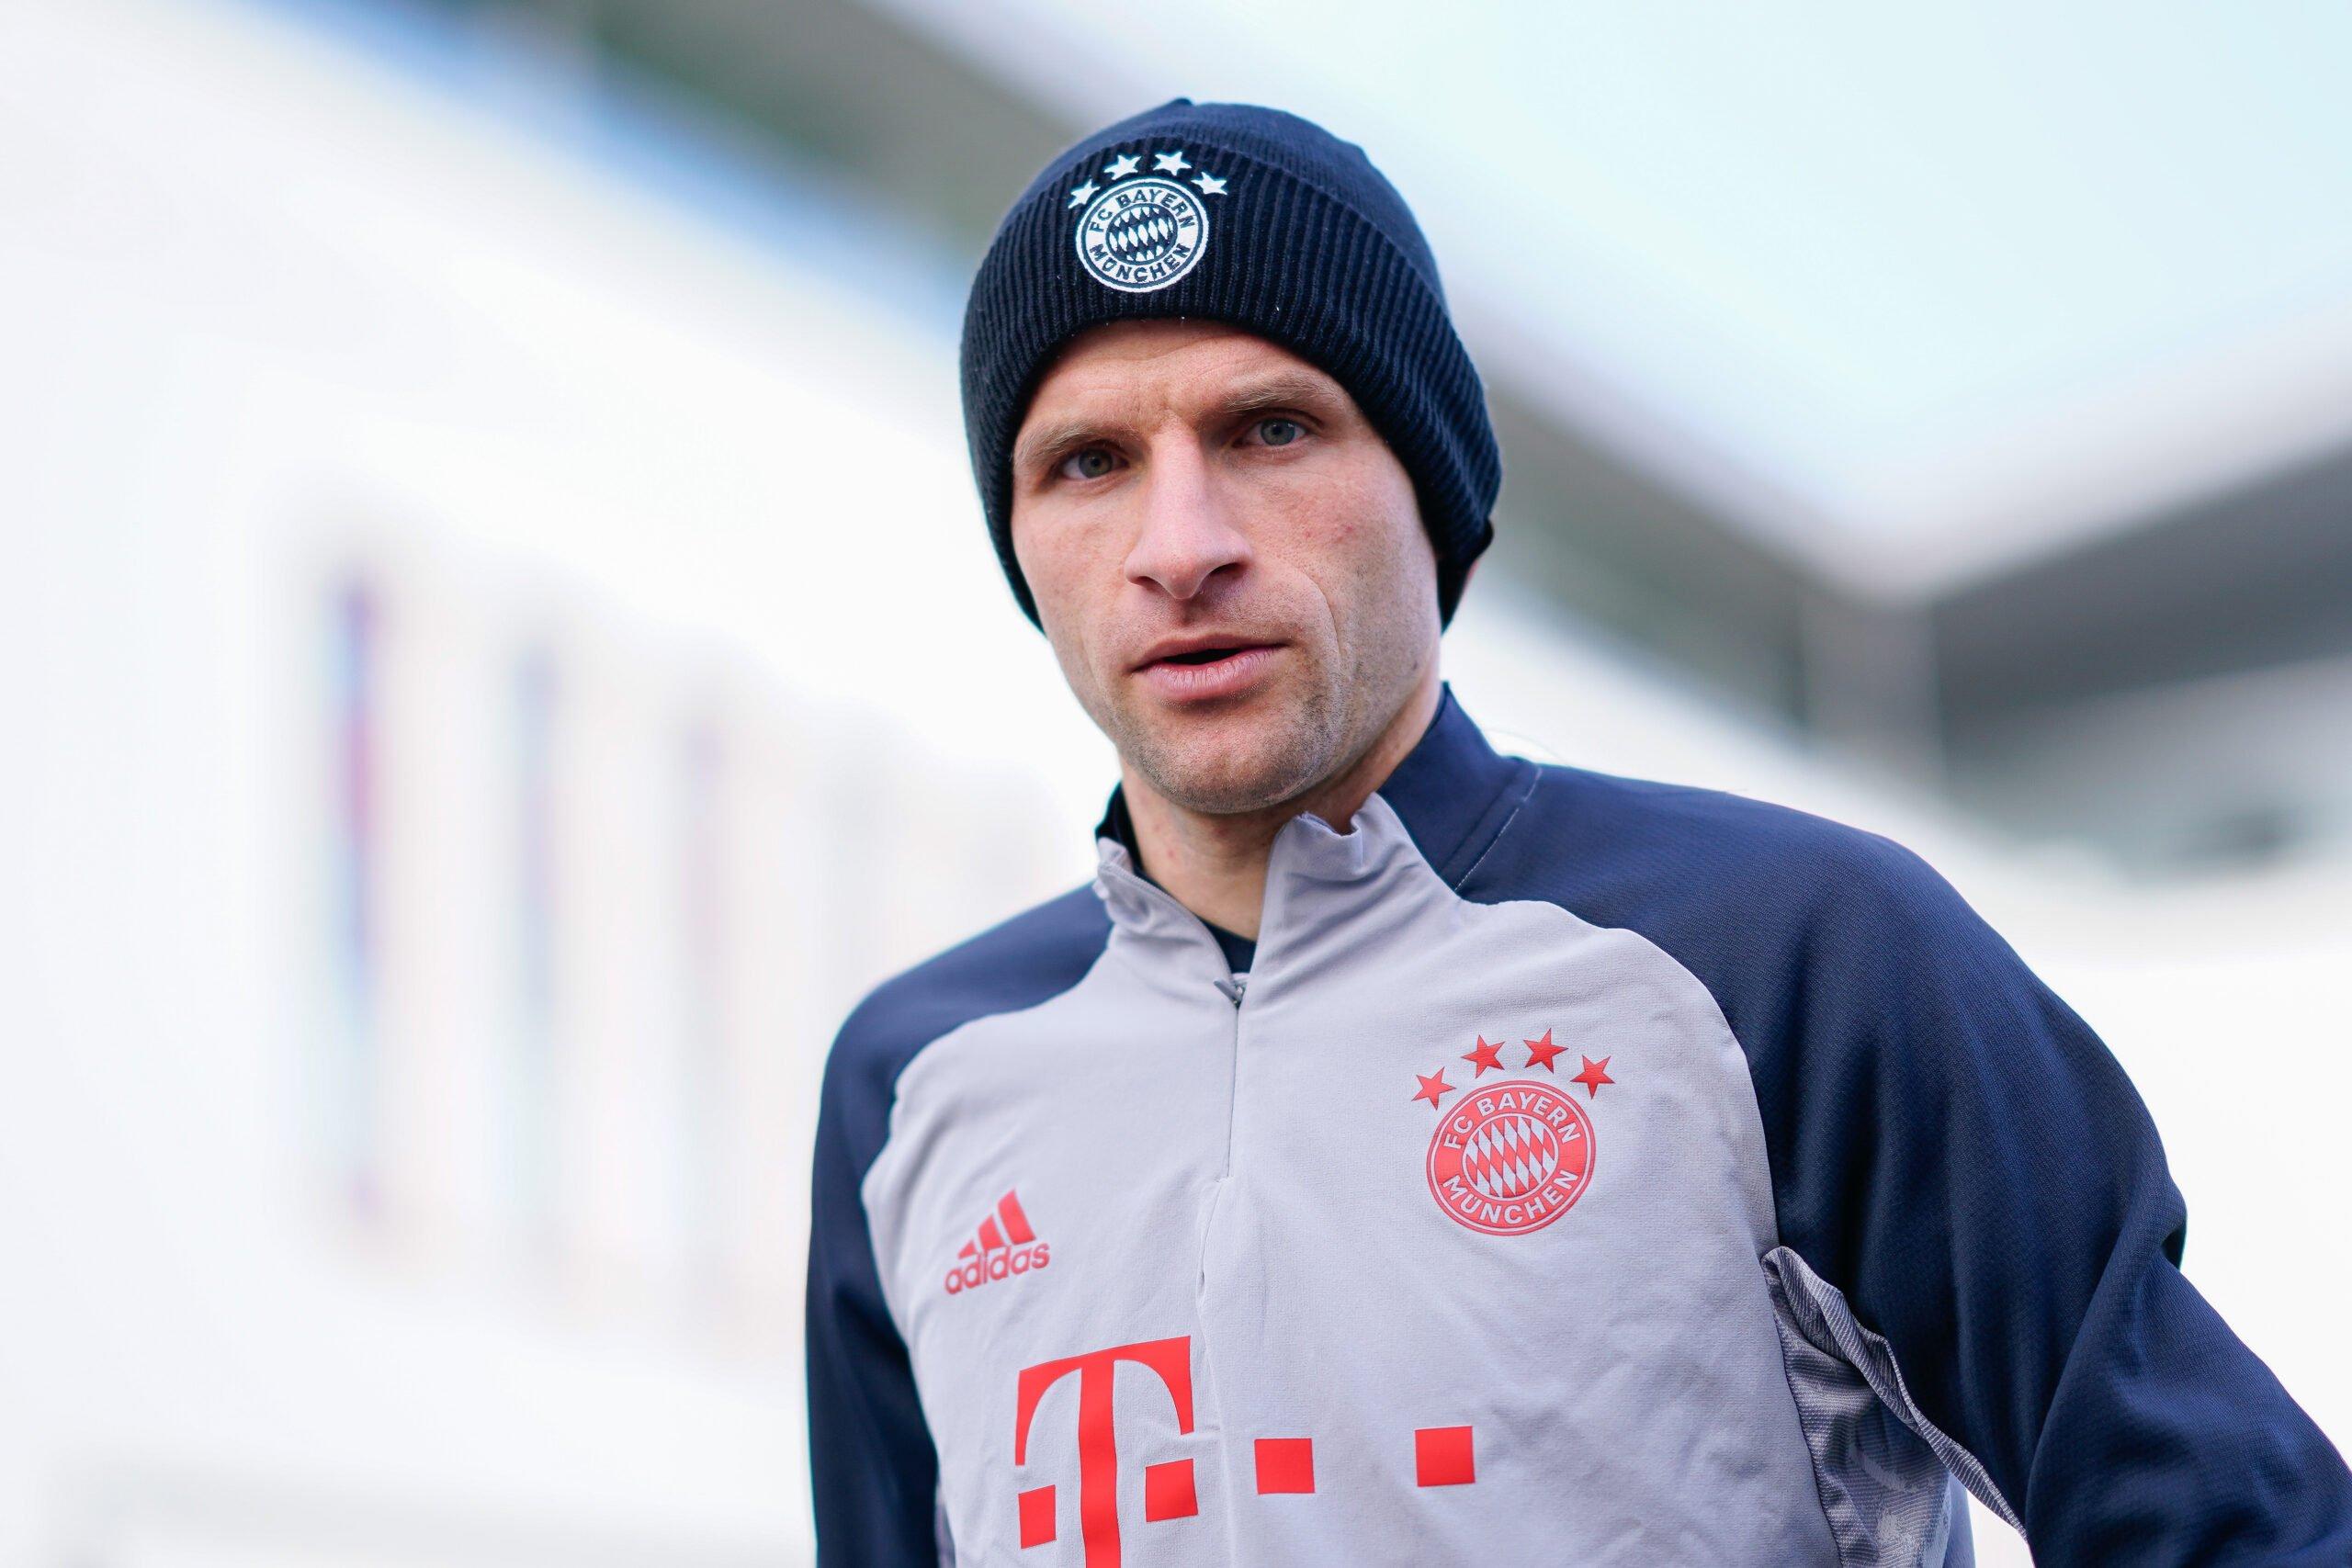 Müller meldet sich aus der Quarantäne: